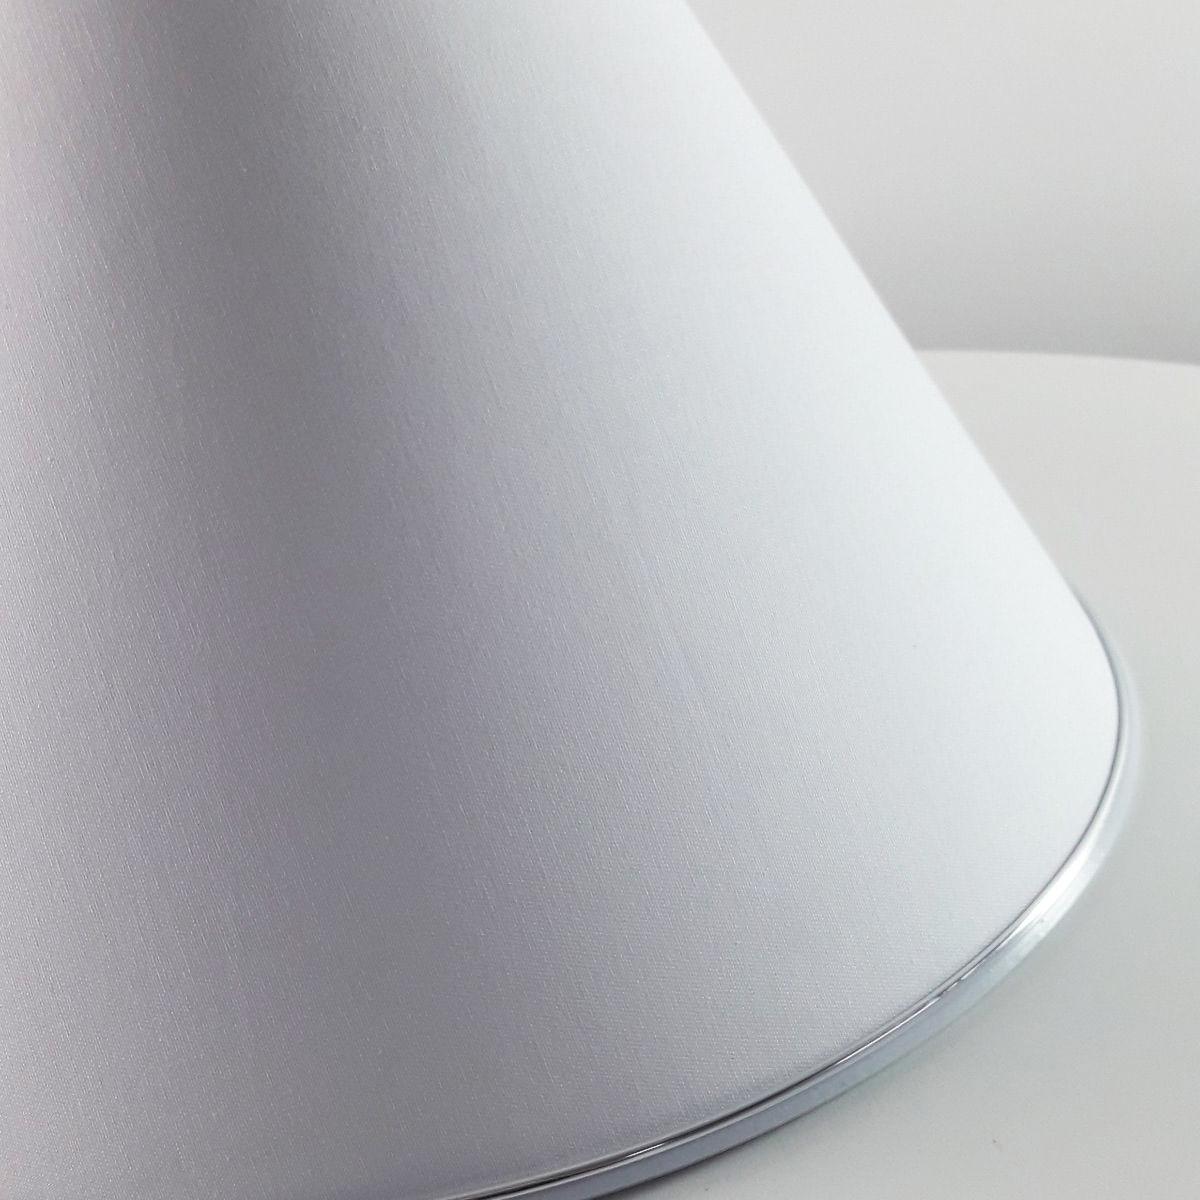 Cúpula de Tecido com Friso Inferior - Branca (sem base)